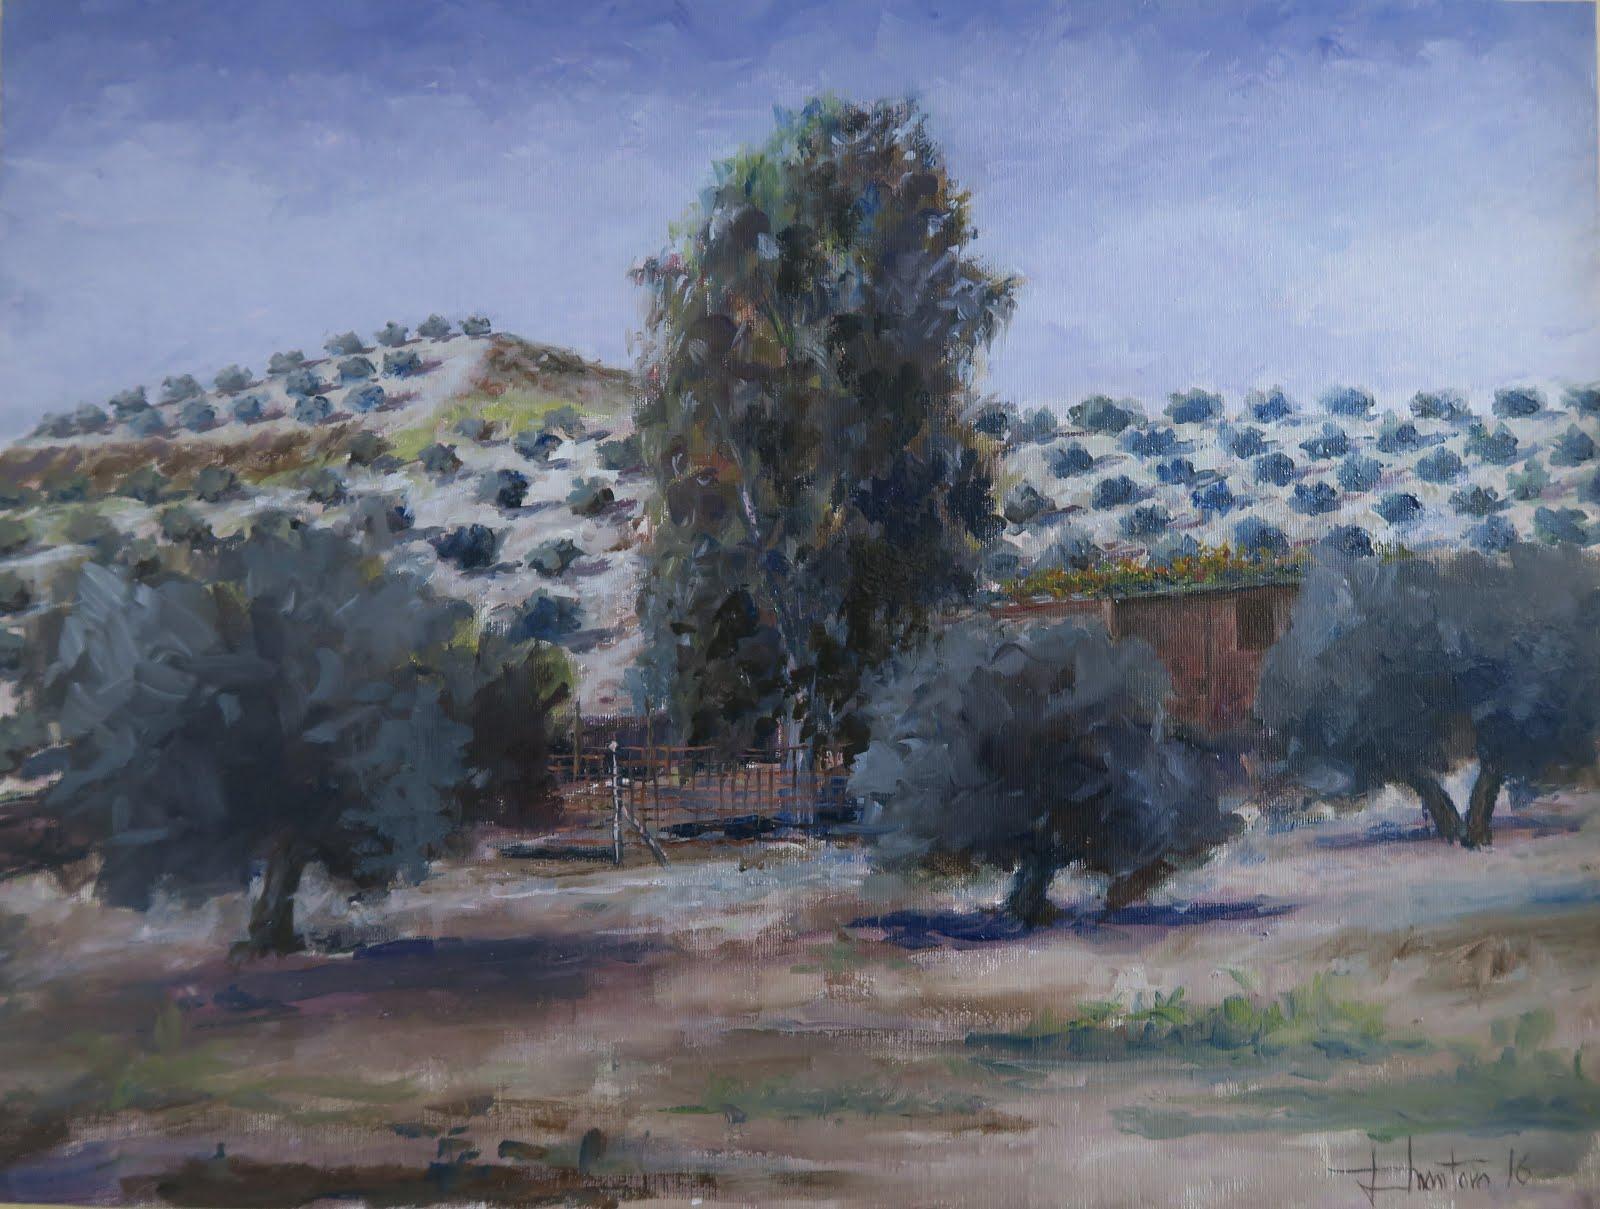 En la falda del Cerro del Águila; Fuerte del Rey, Jaén (12P)